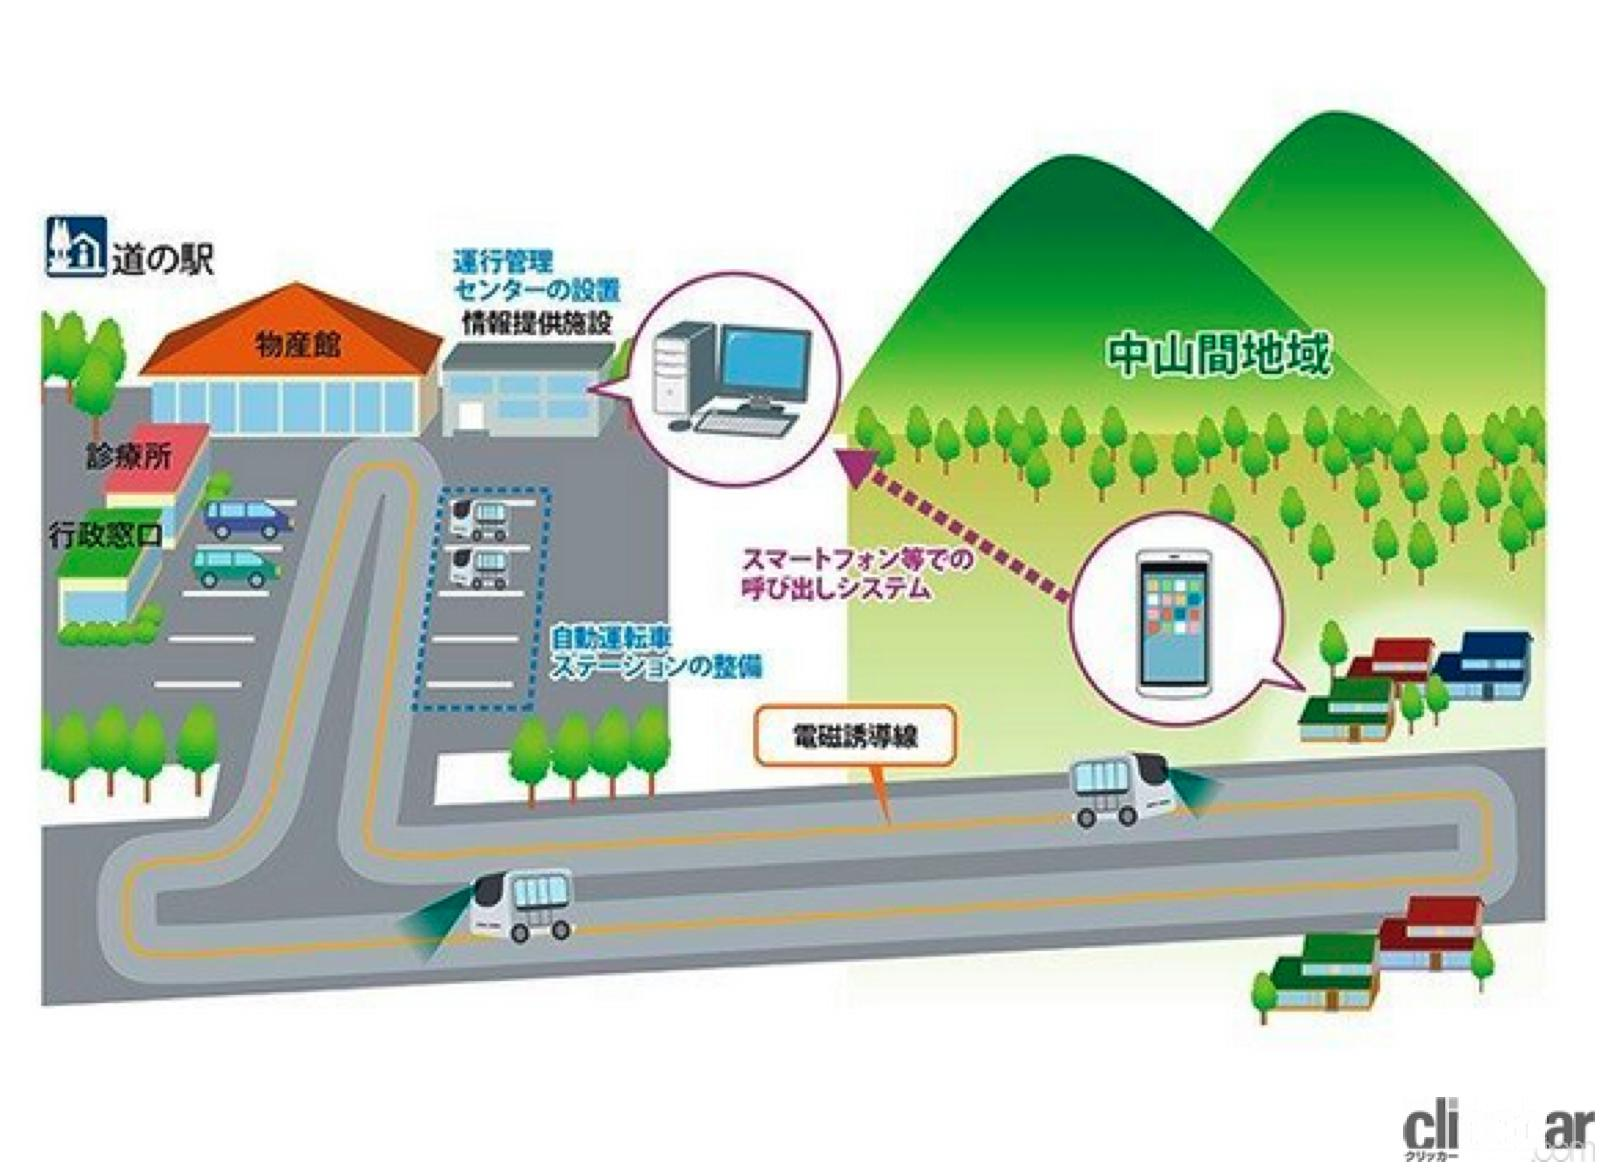 「清水和夫が解説!日本が進める「自動運転の今」はどんな技術で、どう使うのか?【SIP第2期 自動運転 中間成果発表会】」の20枚目の画像